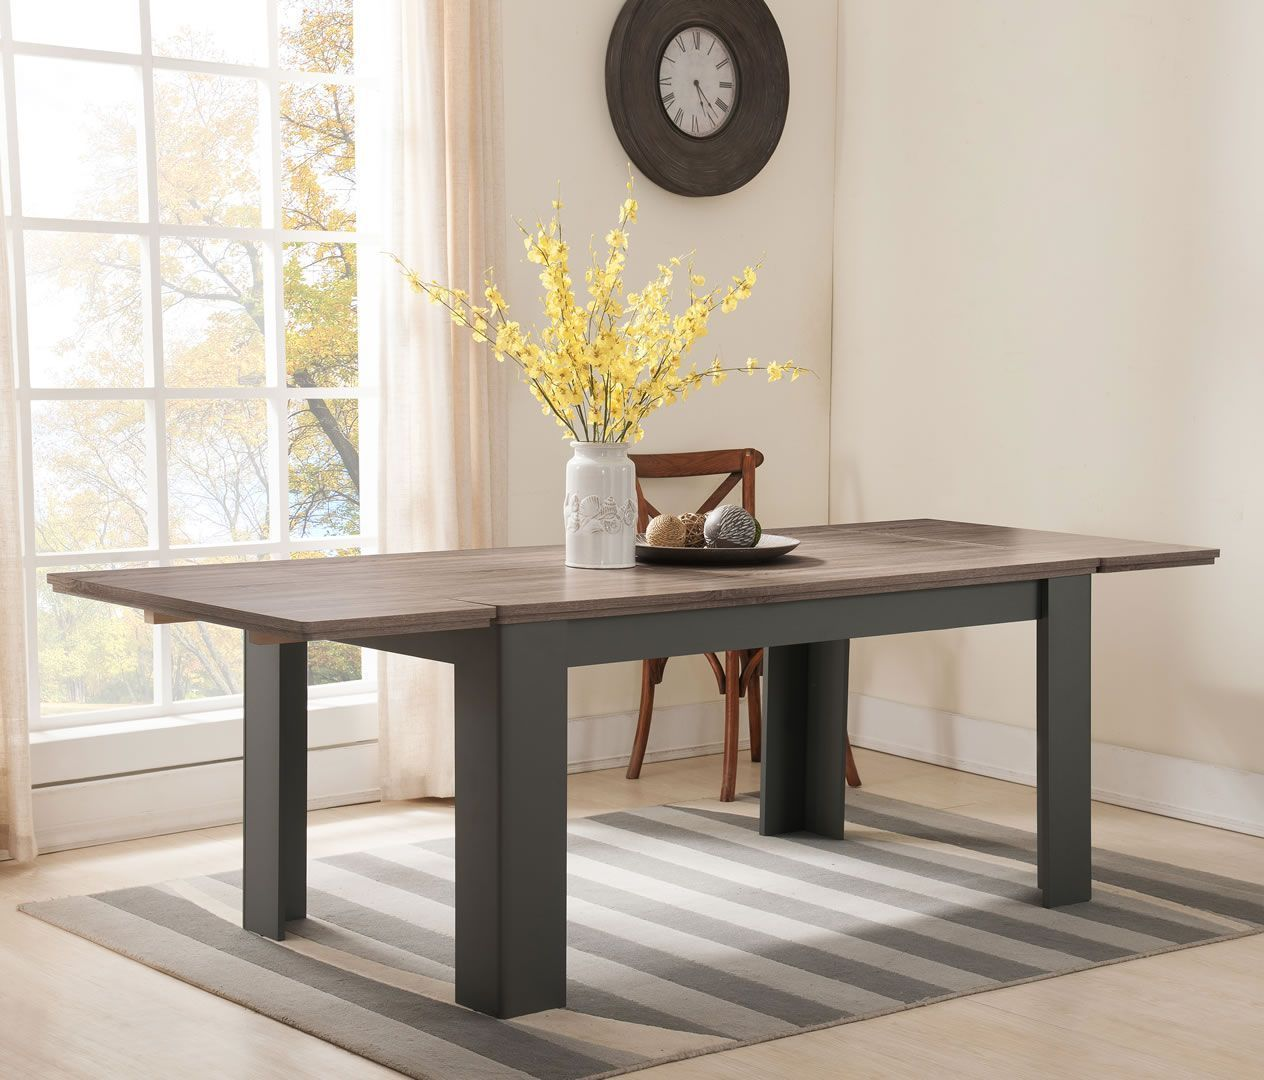 table de salle a manger avec allonges 160 a 239 cm syde taupe et chene